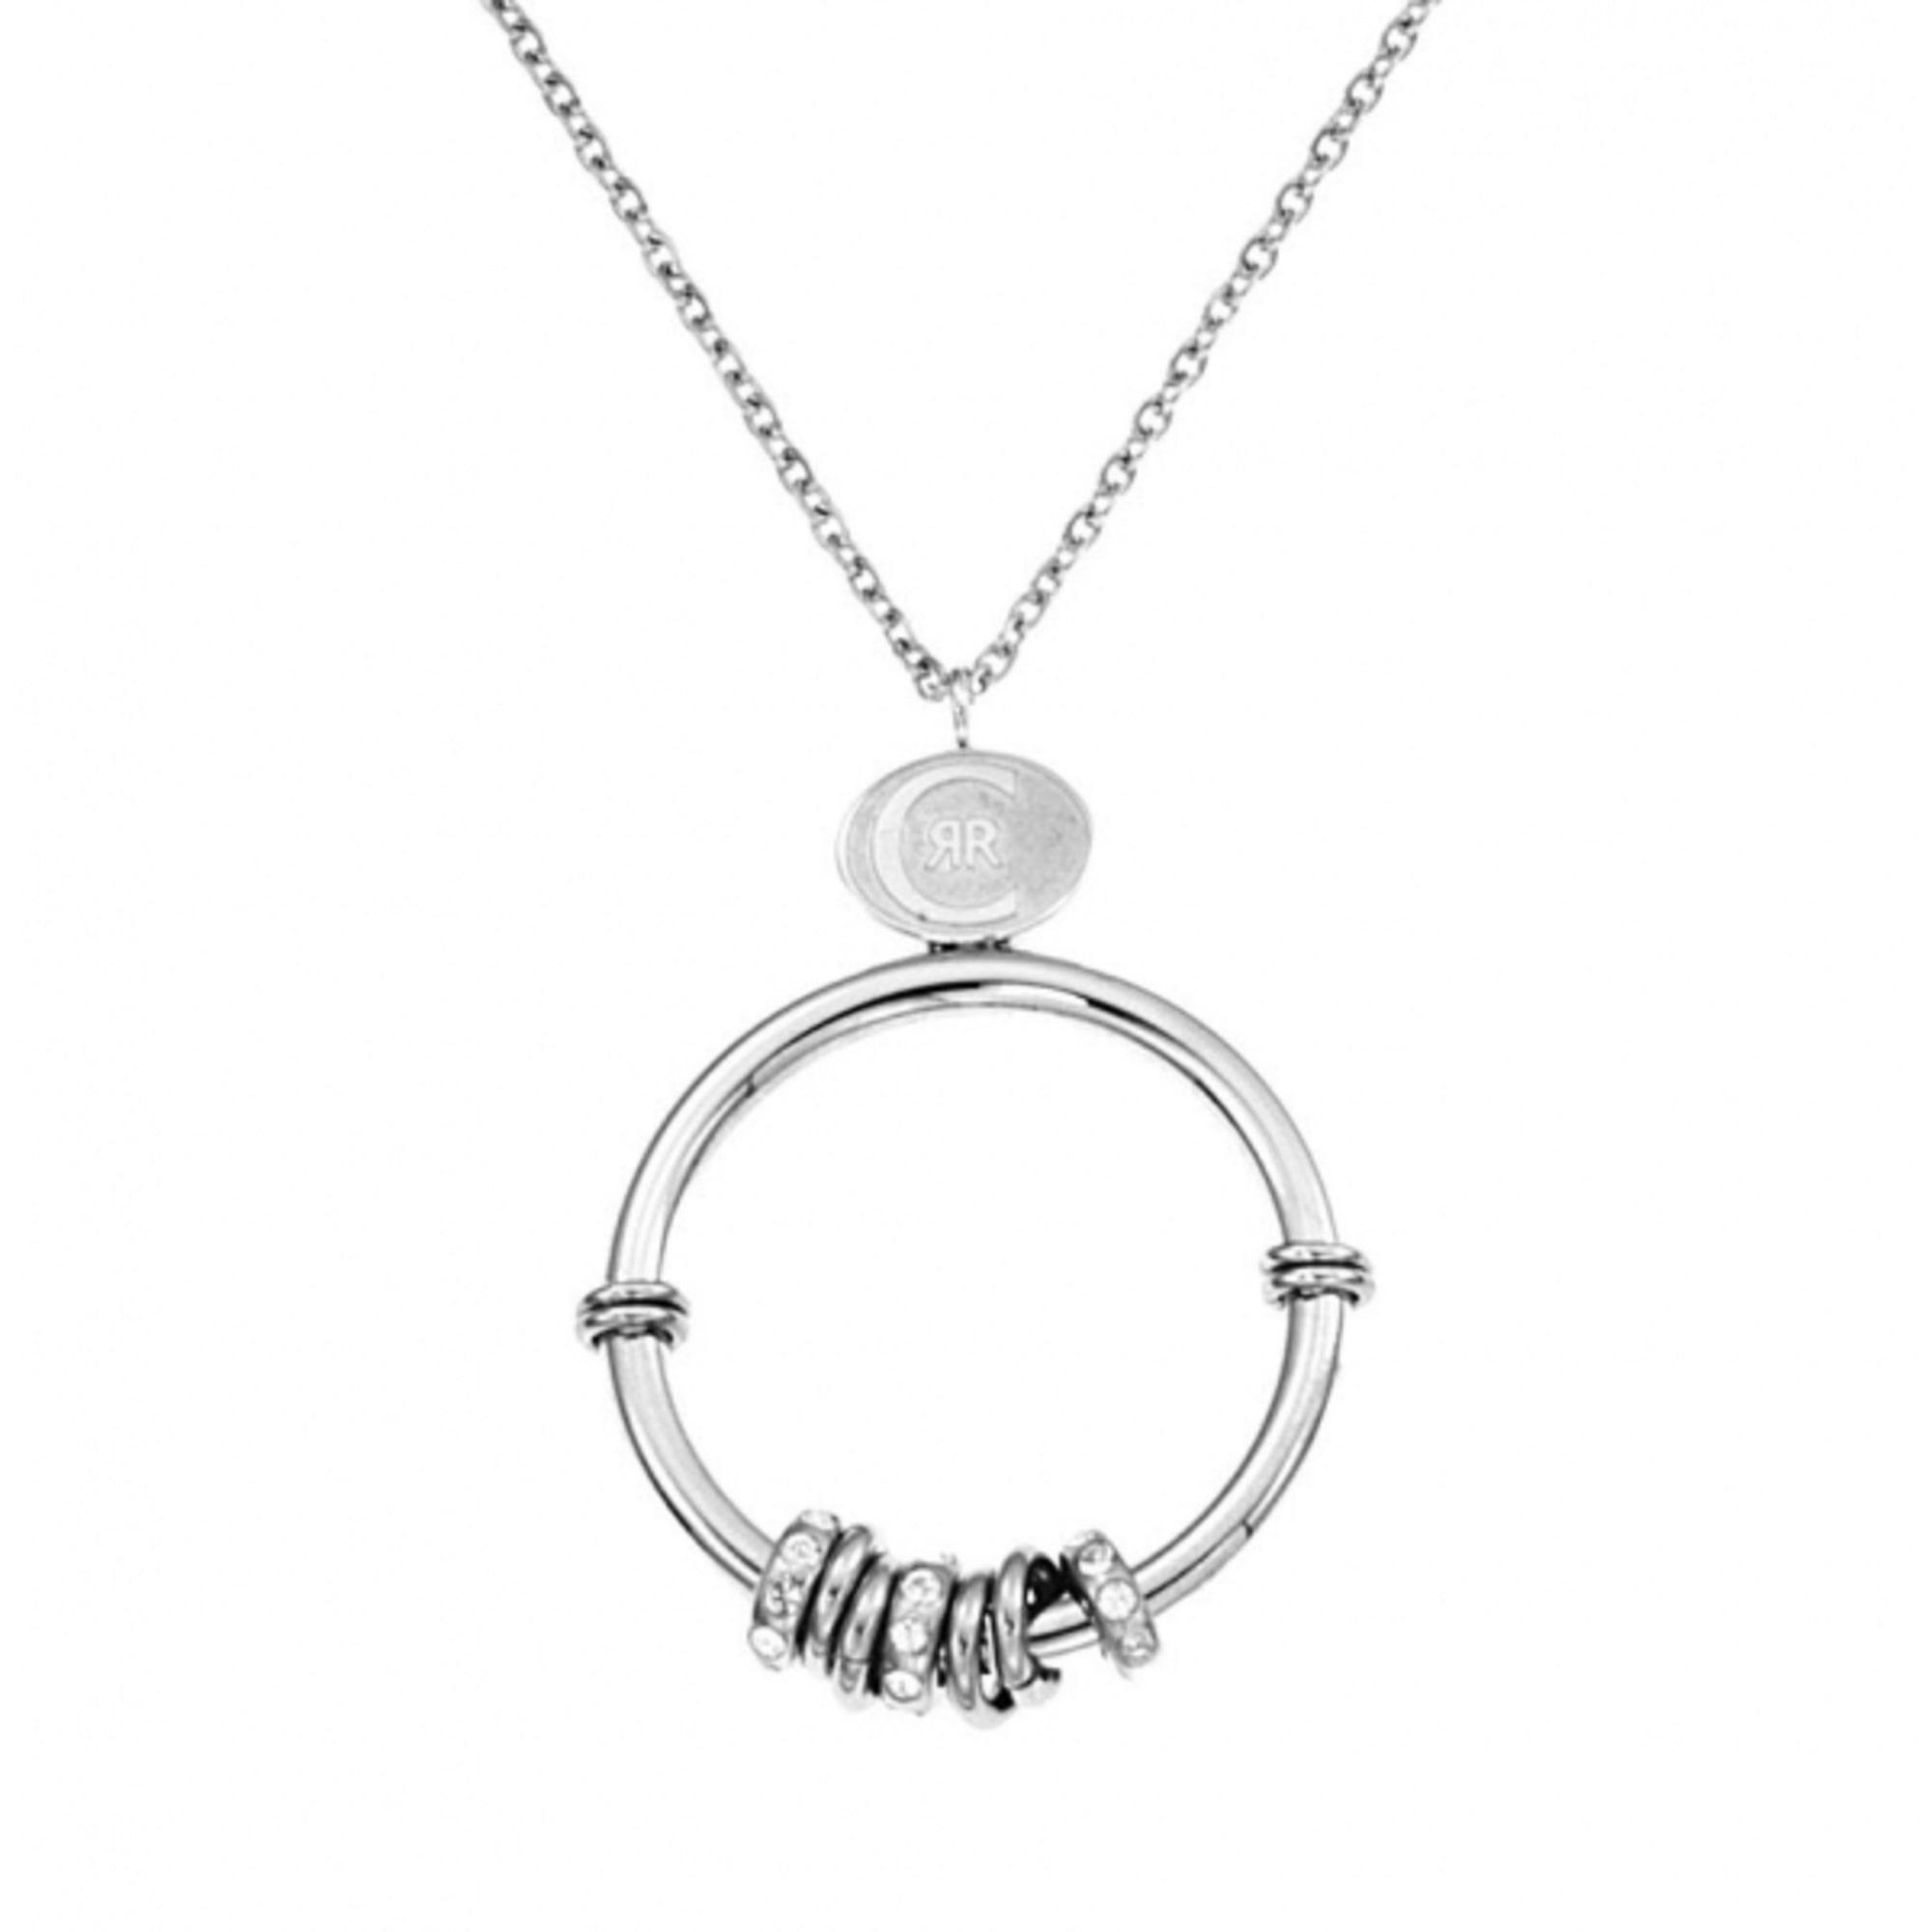 e244f37d42 Necklace CERRUTI 1881 silver - 3145418